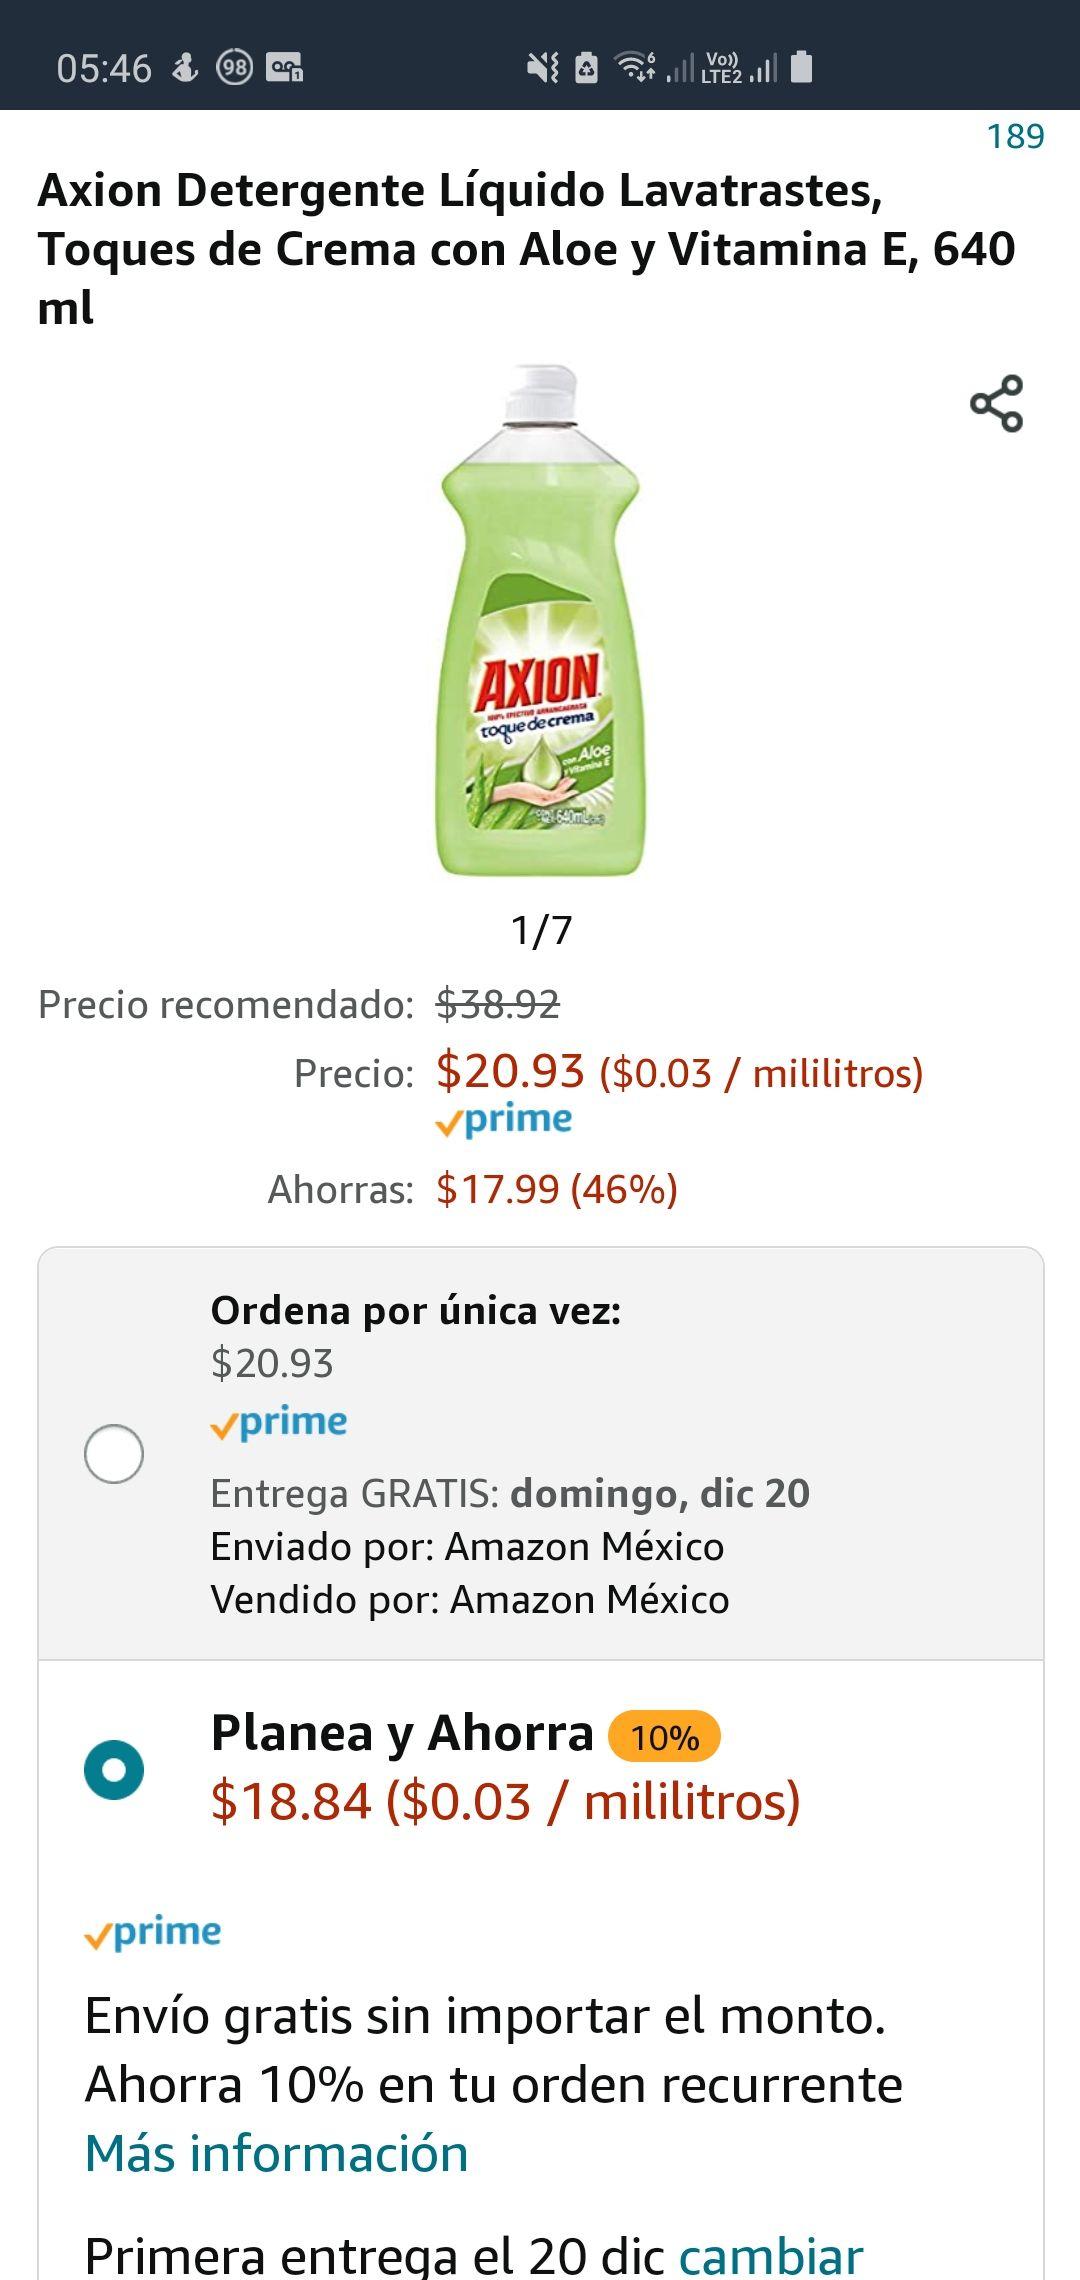 Amazon: Axion Detergente Líquido Lavatrastes, Toques de Crema con Aloe y Vitamina E, 640 ml